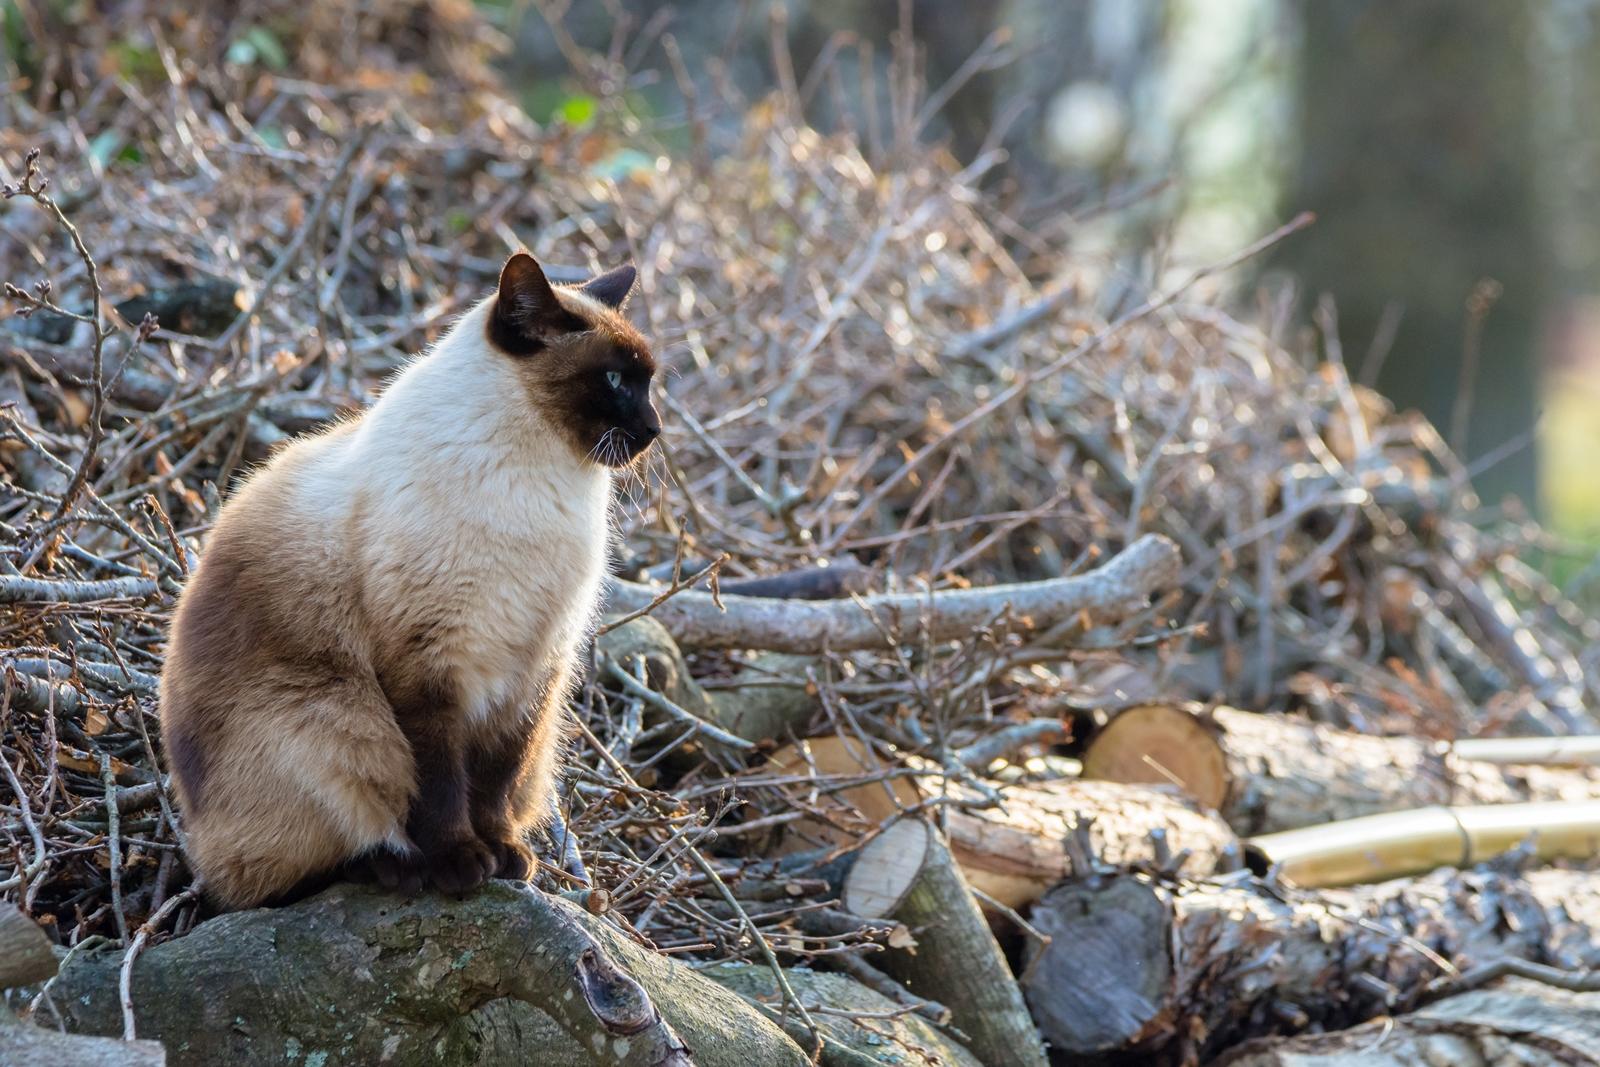 Photo: 「傍観者」 / Bystander.  じっと何を見ているの? 朝陽が照らす 穏やかな森で のんびりのんびり また今日が始まるね  Stray cat. (ノラ猫)  Nikon D7200 SIGMA 150-600mm F5-6.3 DG OS HSM Contemporary  #cat #straycat  #kawaii #nikon #sigma #木曜ポートニャート  ( http://takafumiooshio.com/archives/1308 )